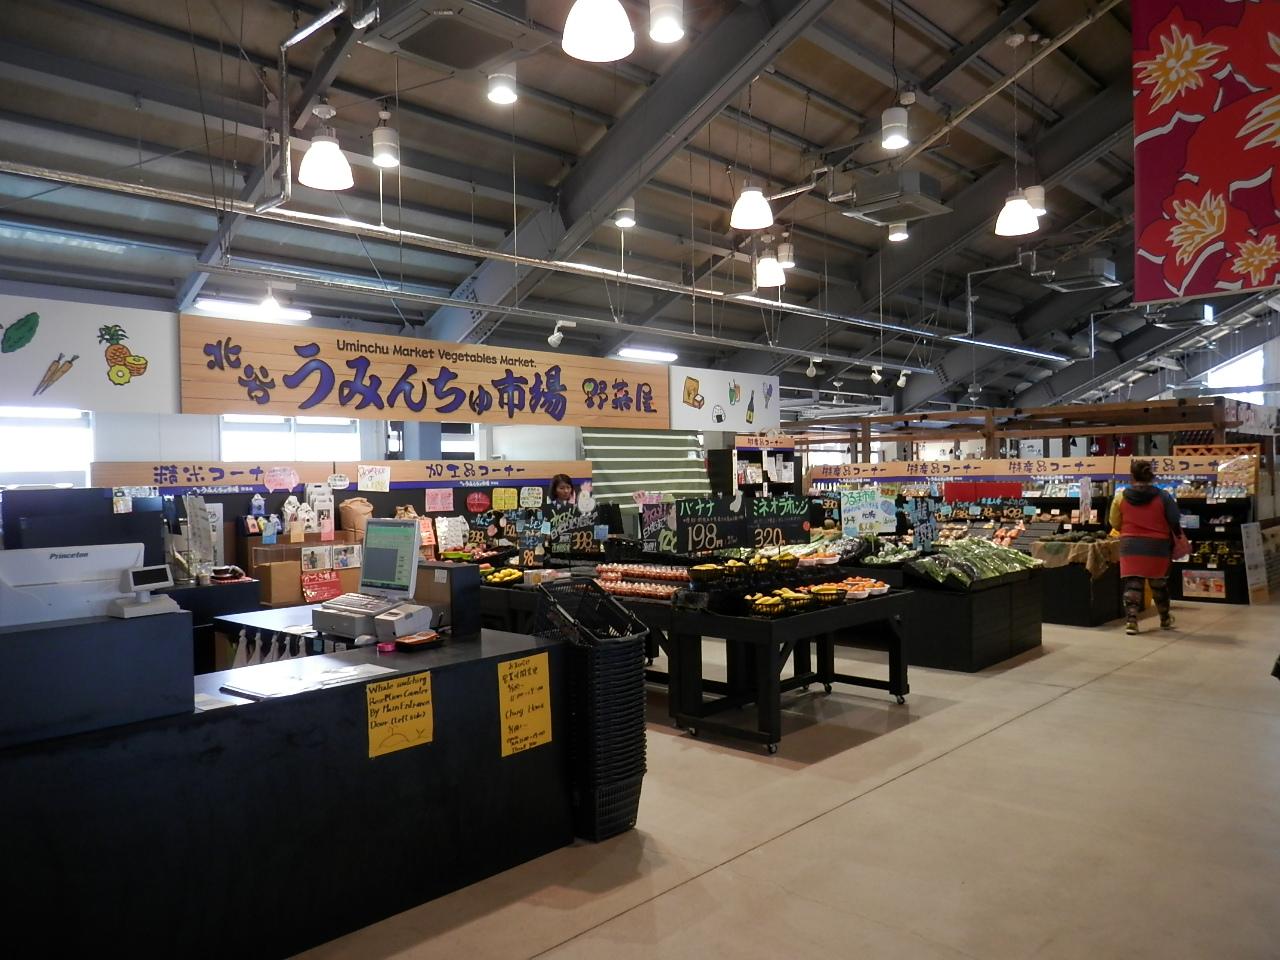 食・癒し・雑貨のアジアンマーケット チャタンフェスタ2016inうみんちゅワーフ